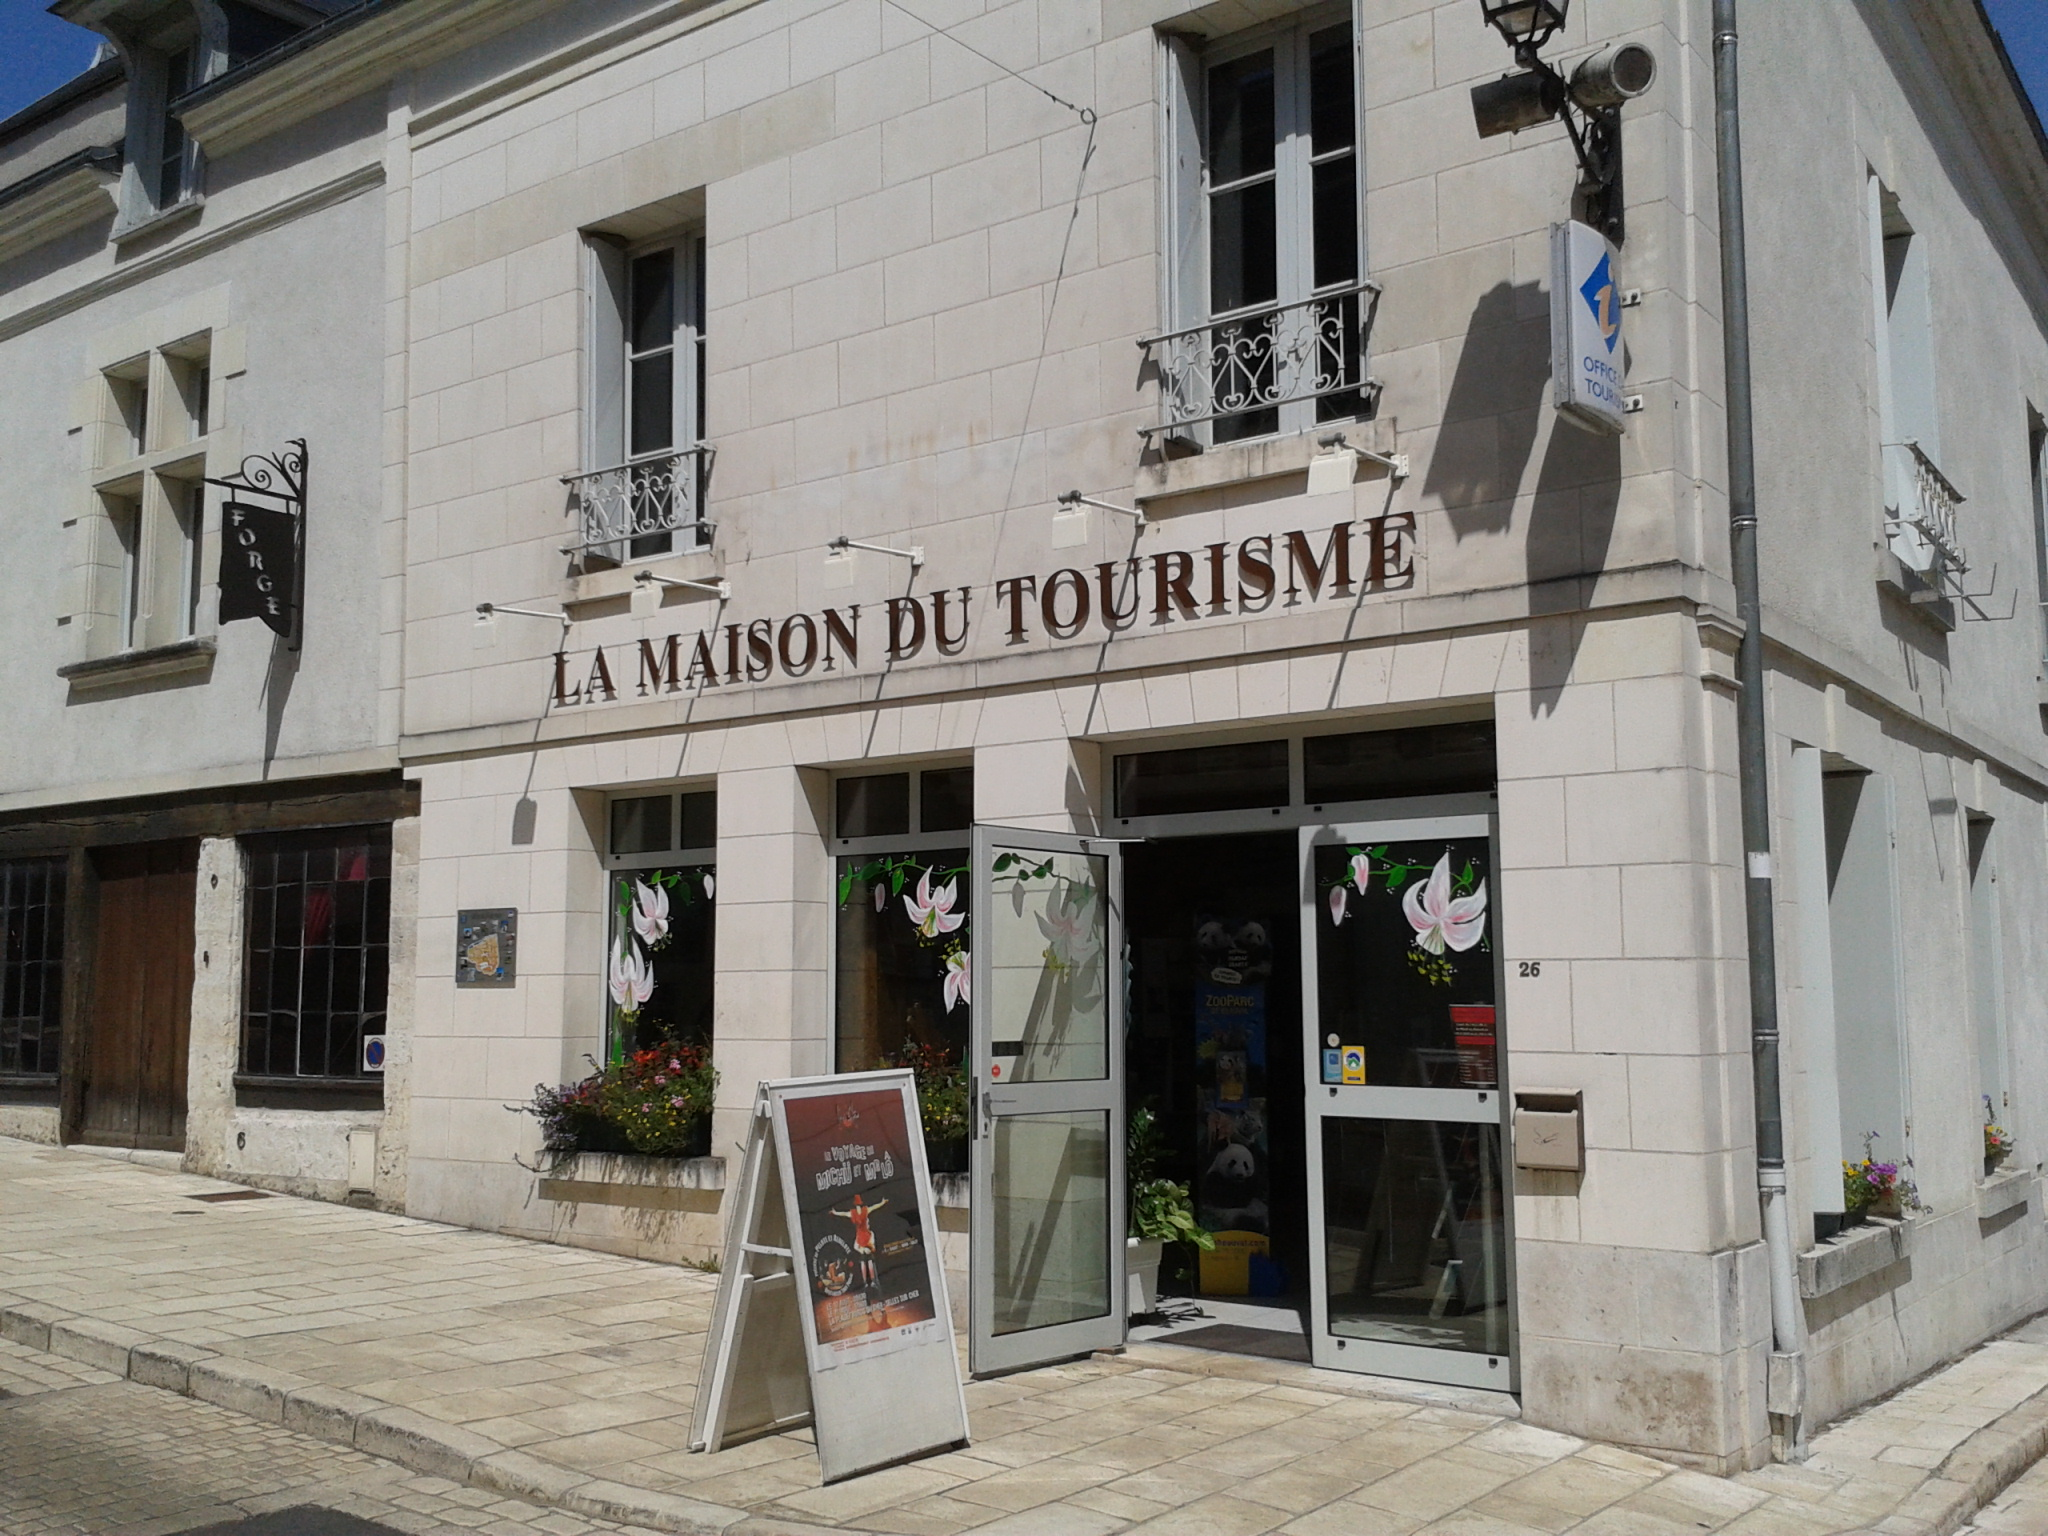 Bureaux d'informations Touristiques de Selles-sur-Cher